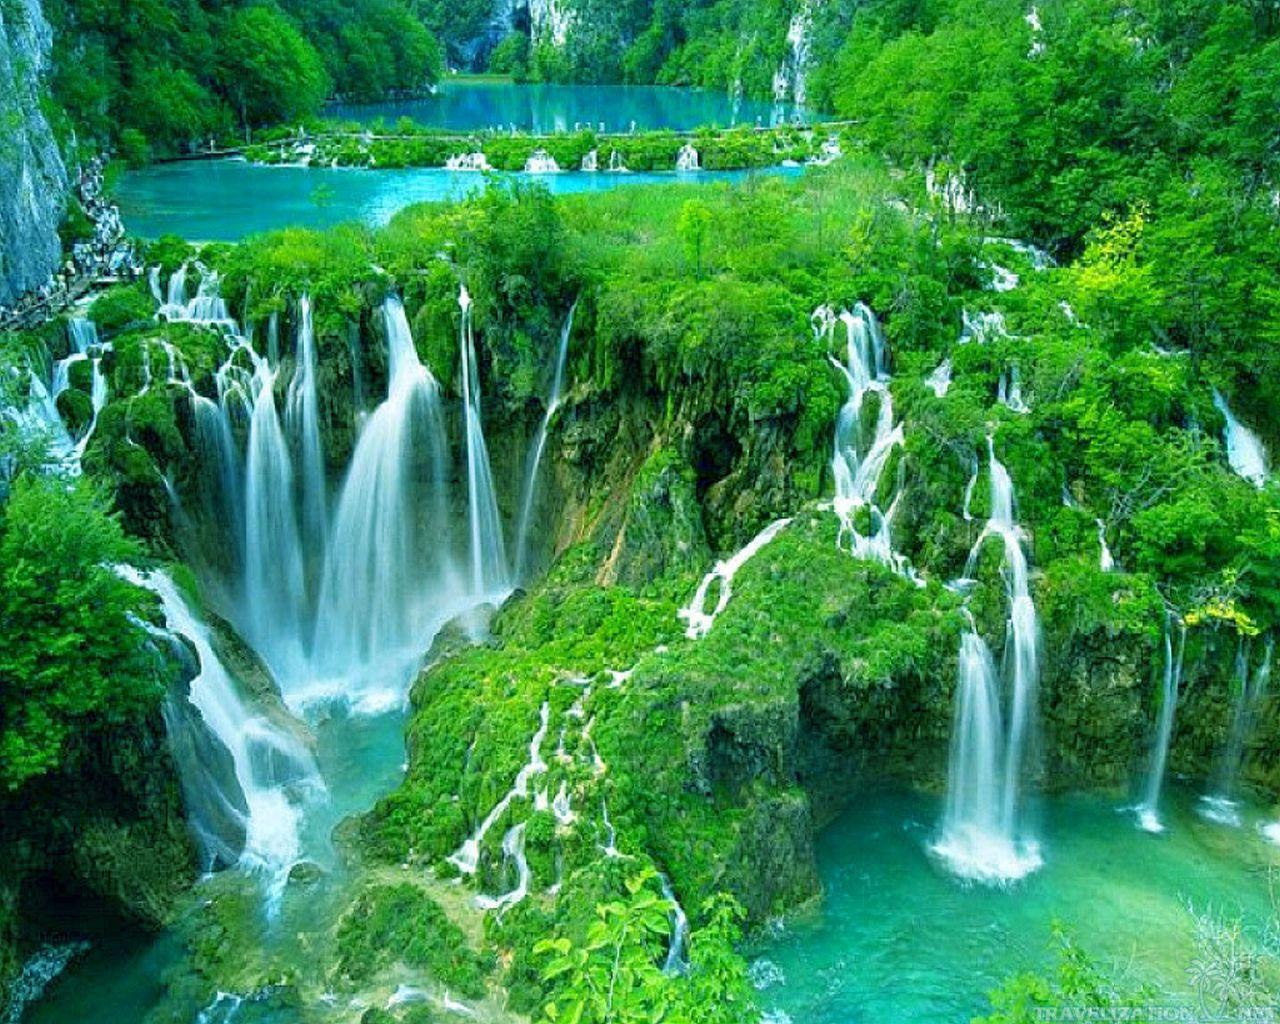 Công viên quốc gia Plitvice - Kỳ quan thiên nhiên của trời Âu